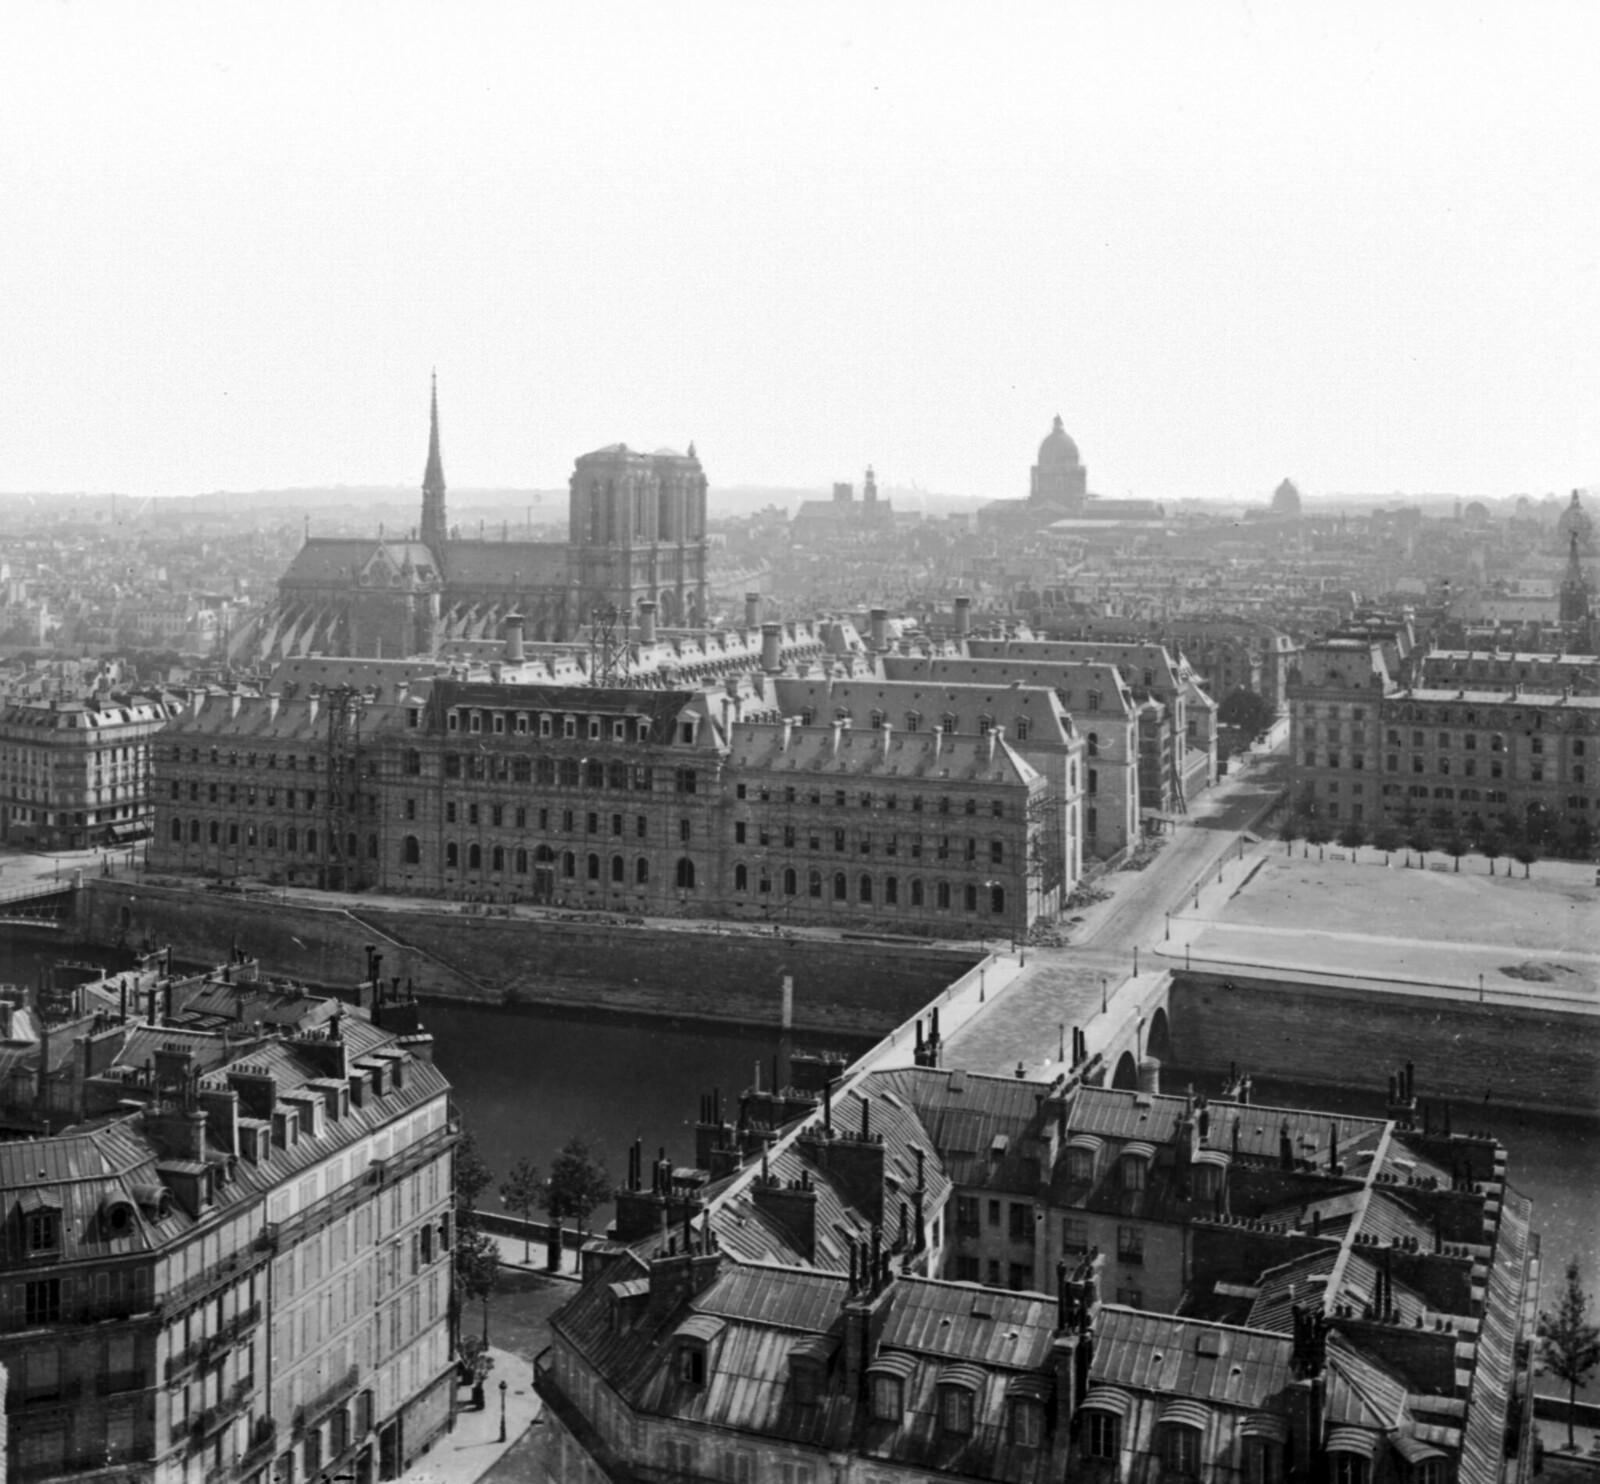 1870. Общий вид с собором Нотр-Дам с главным зданием отелем Дьё в процессе достройки